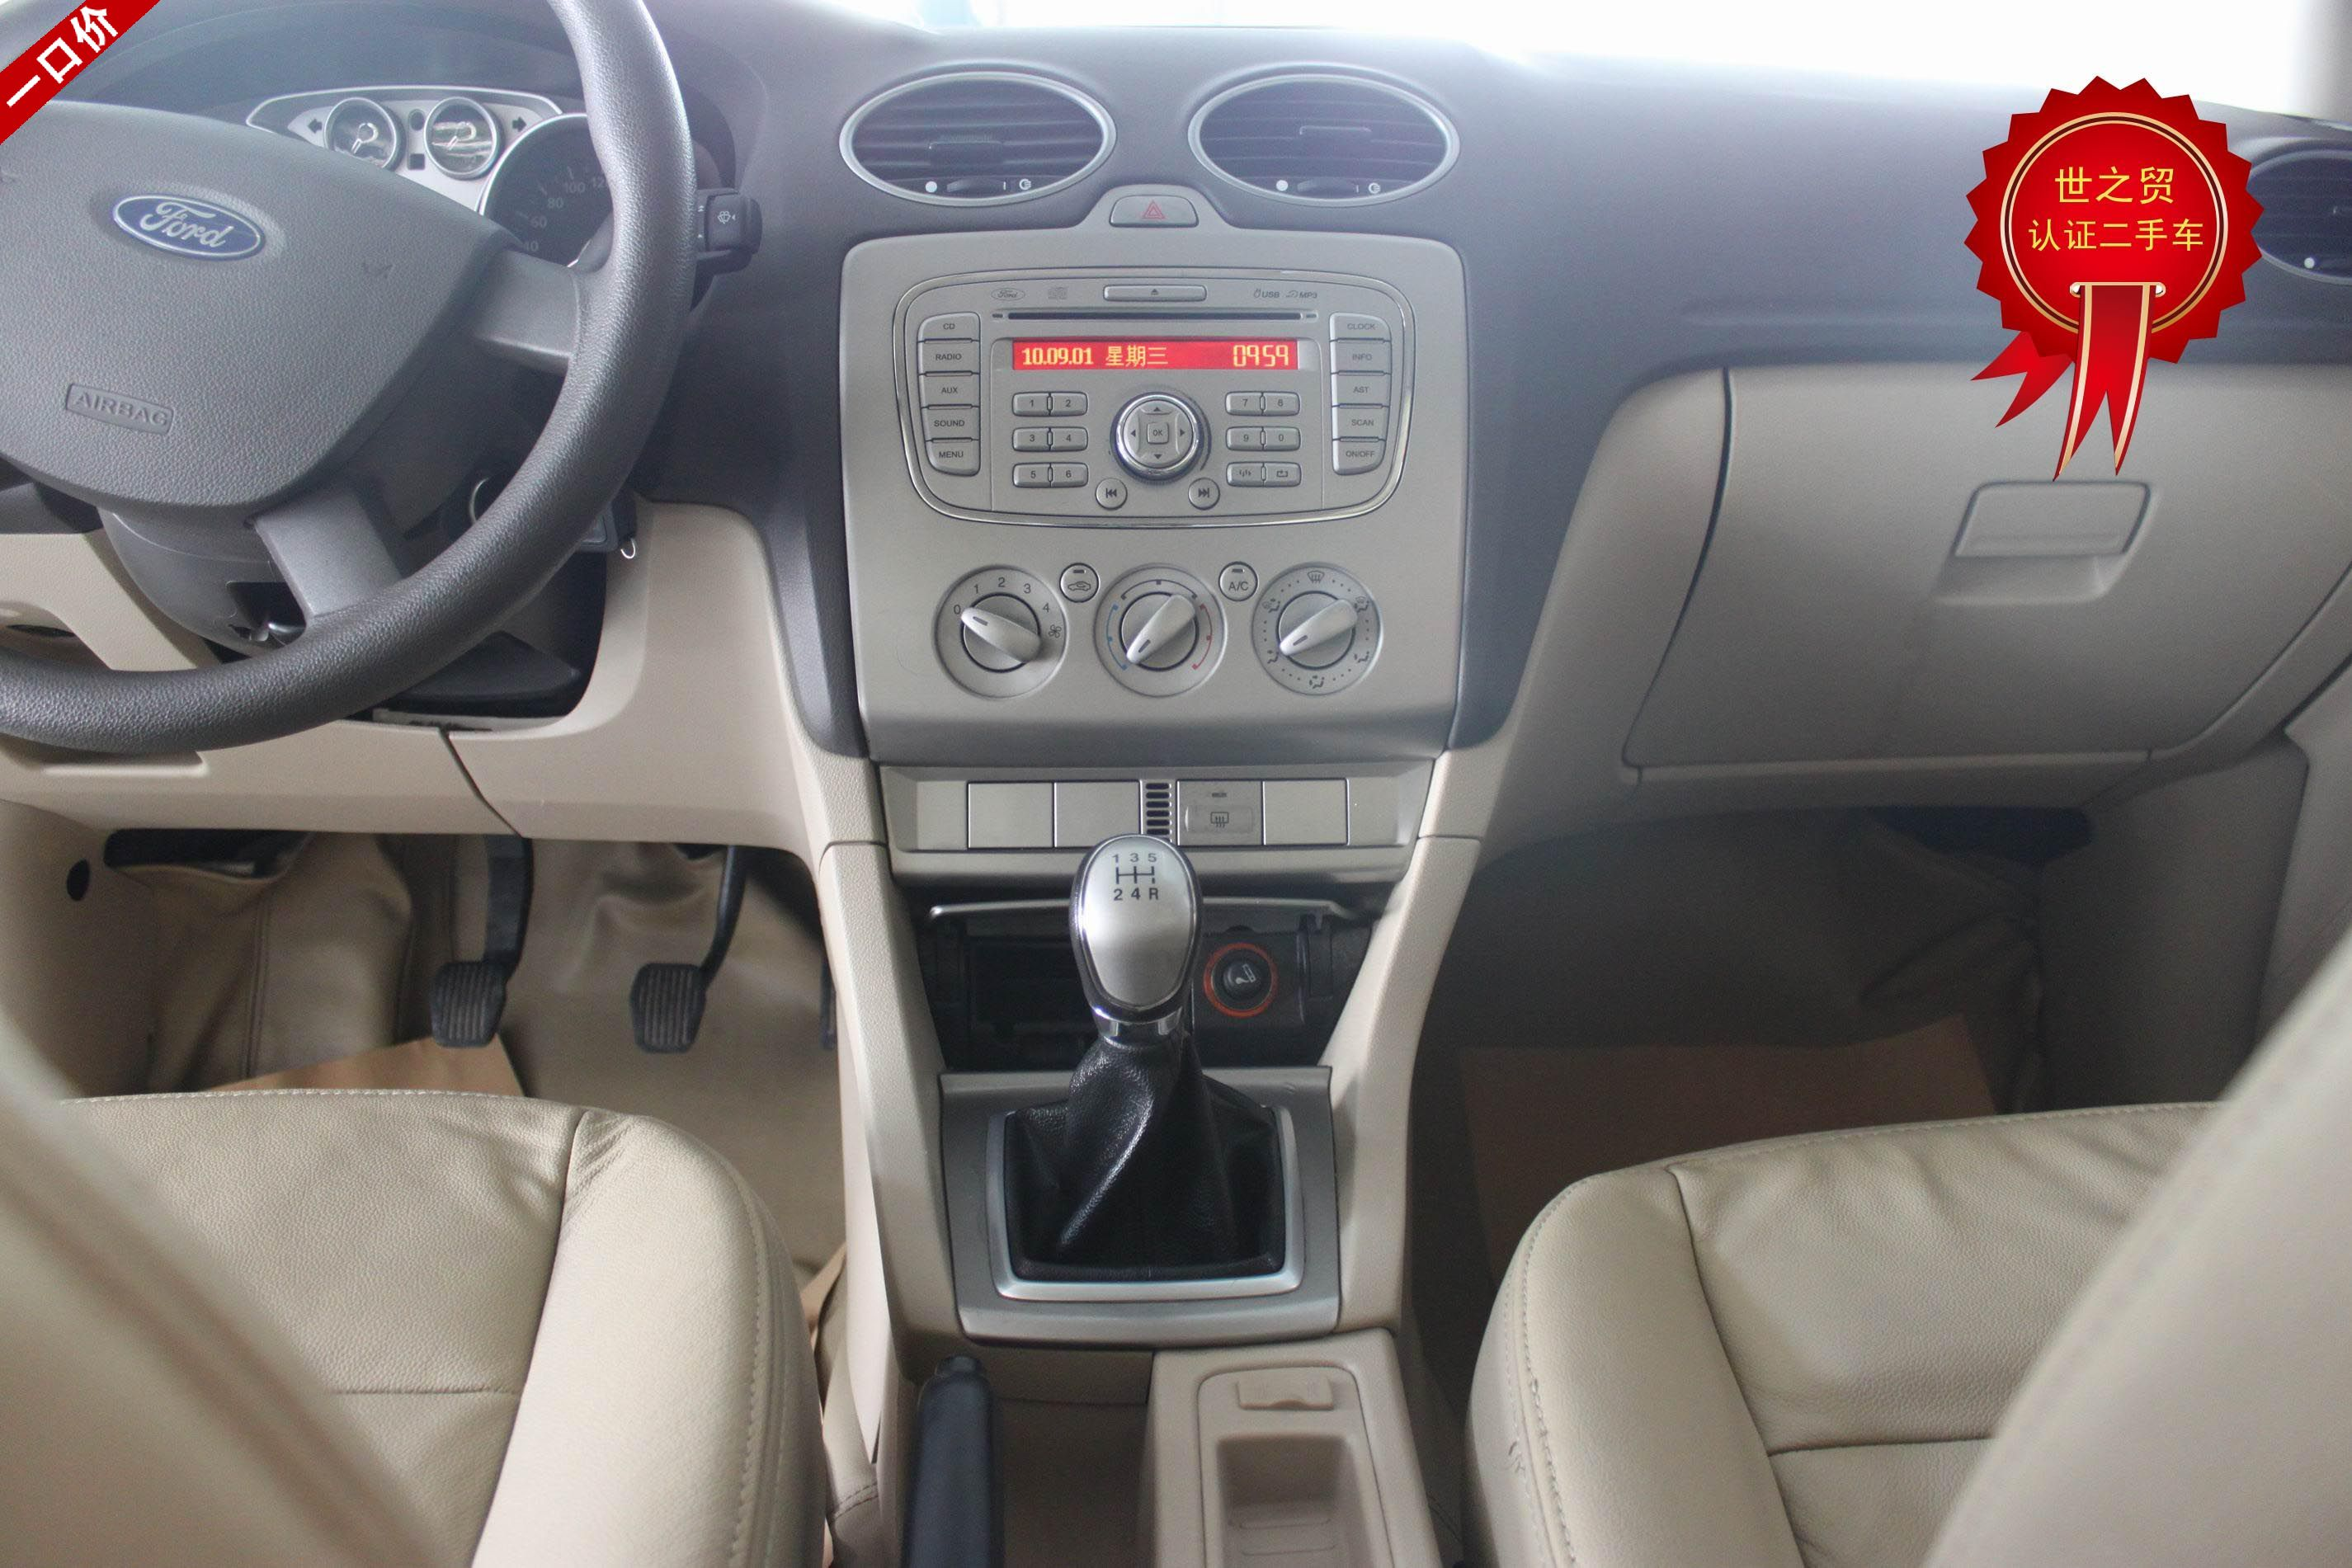 福特 福克斯 2009款 三厢高清图片